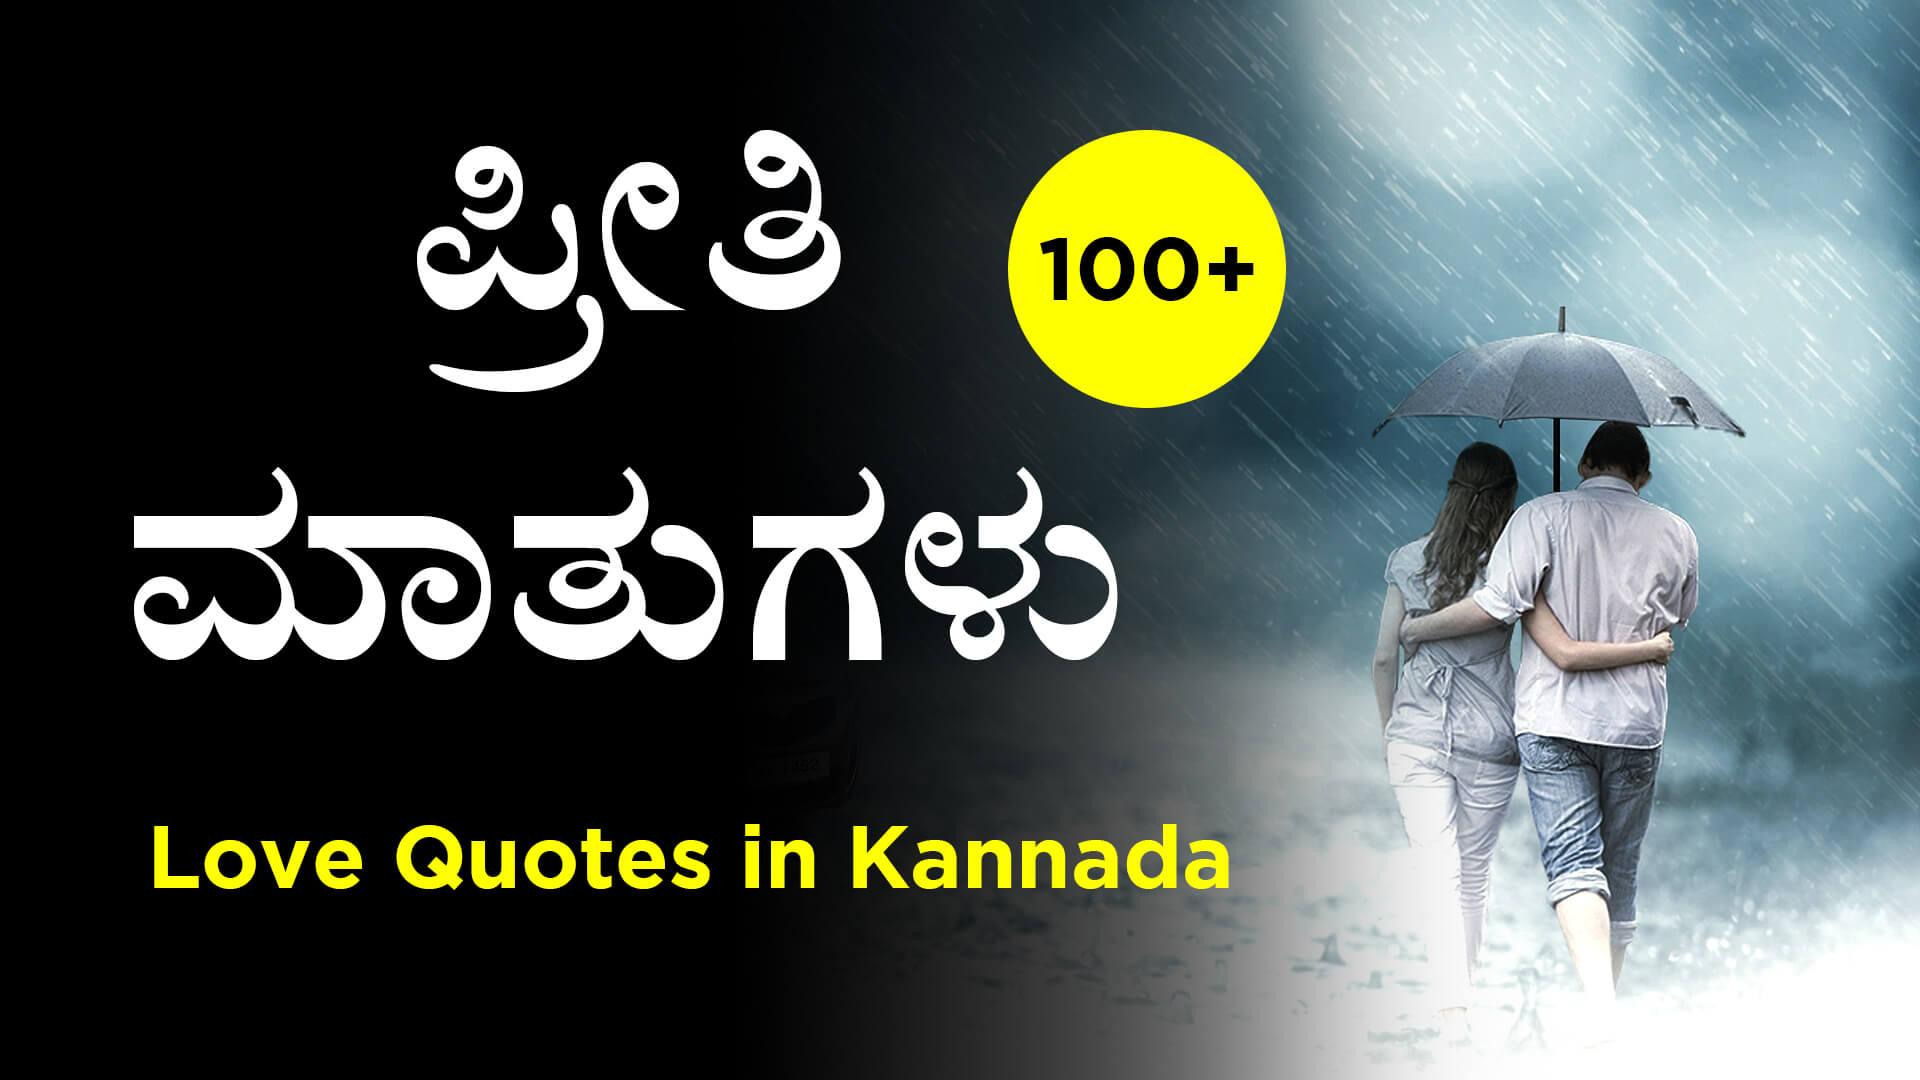 ಪ್ರೀತಿ ಮಾತುಗಳು : Best Love Quotes in Kannada